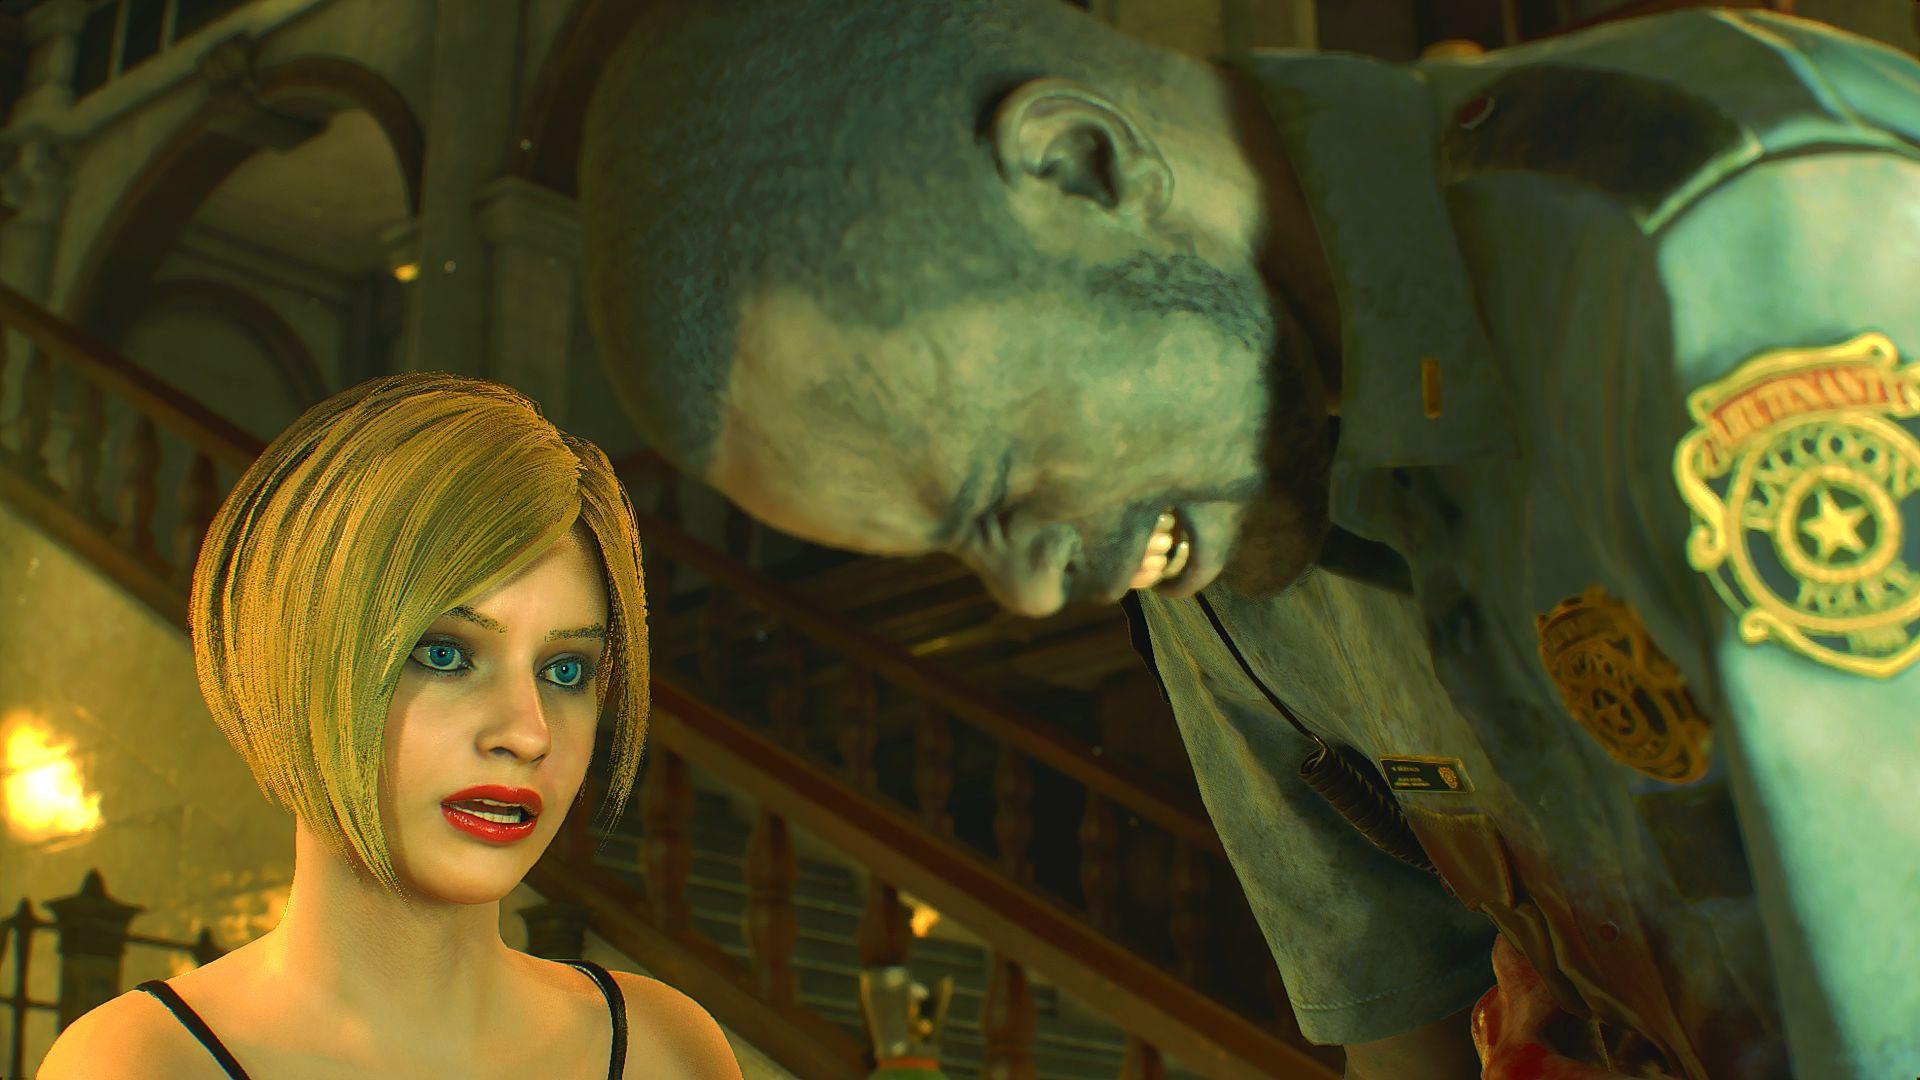 001172.Jpg - Resident Evil 2